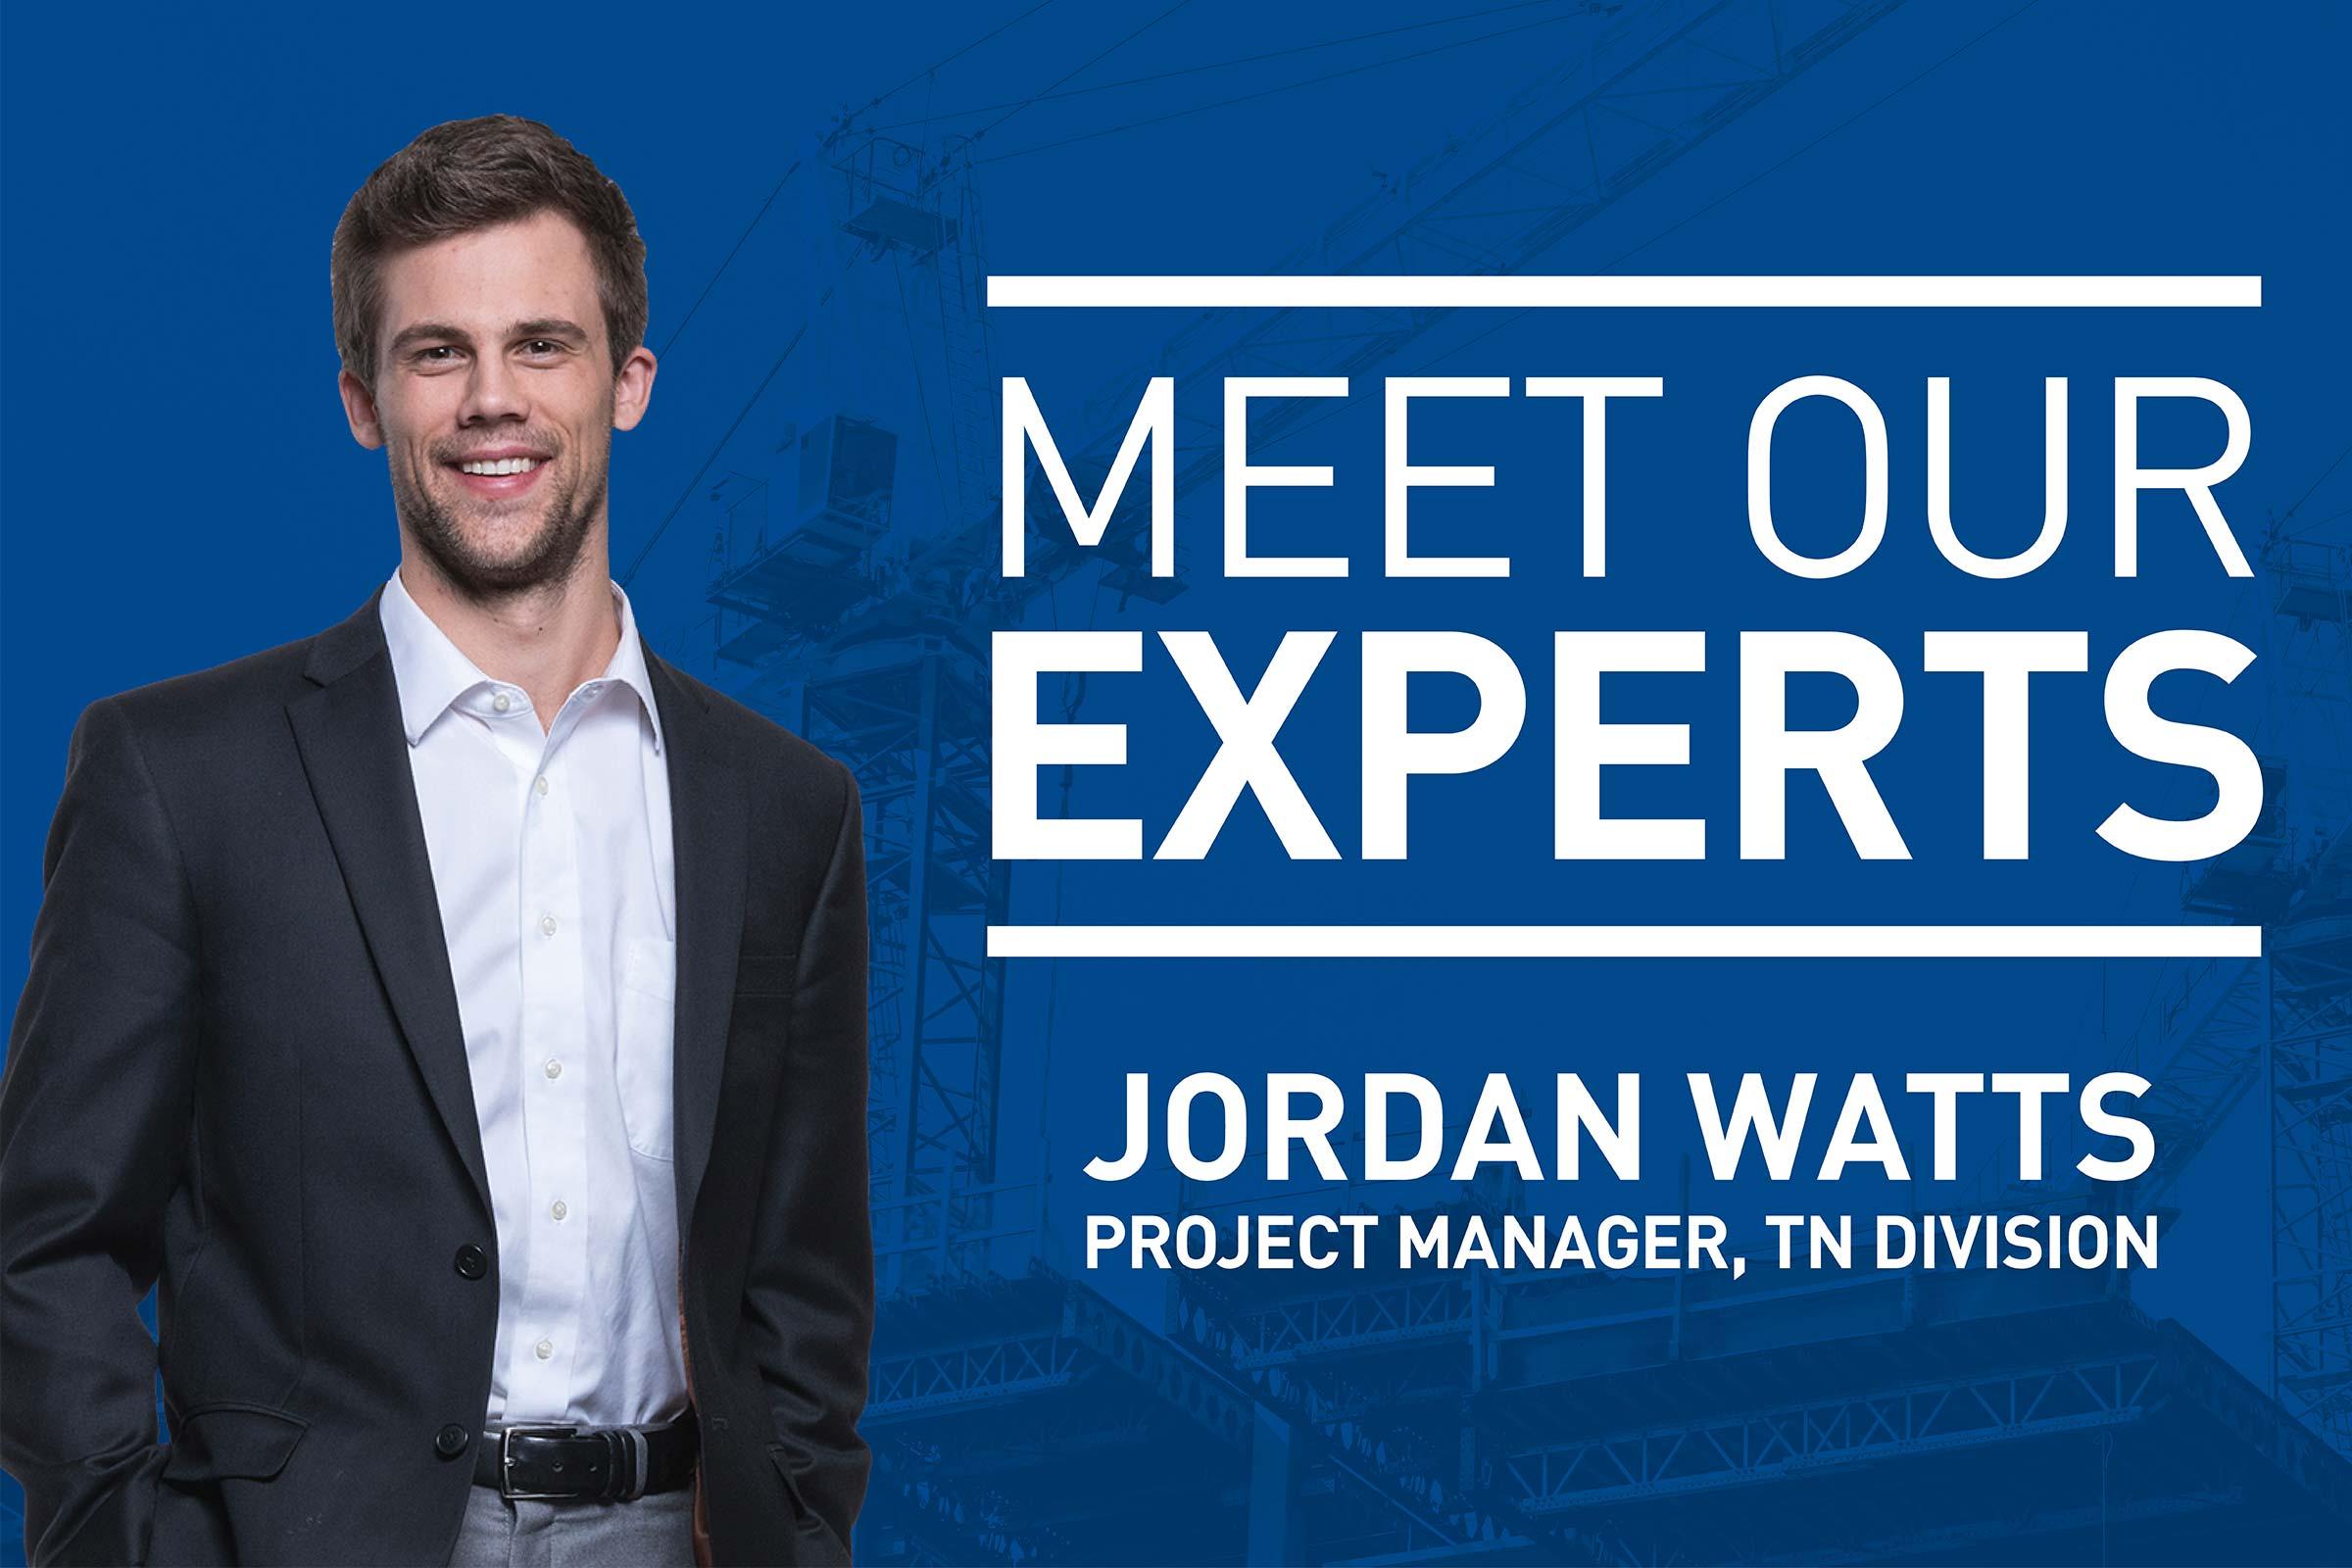 Meet Our Experts: Jordan Watts